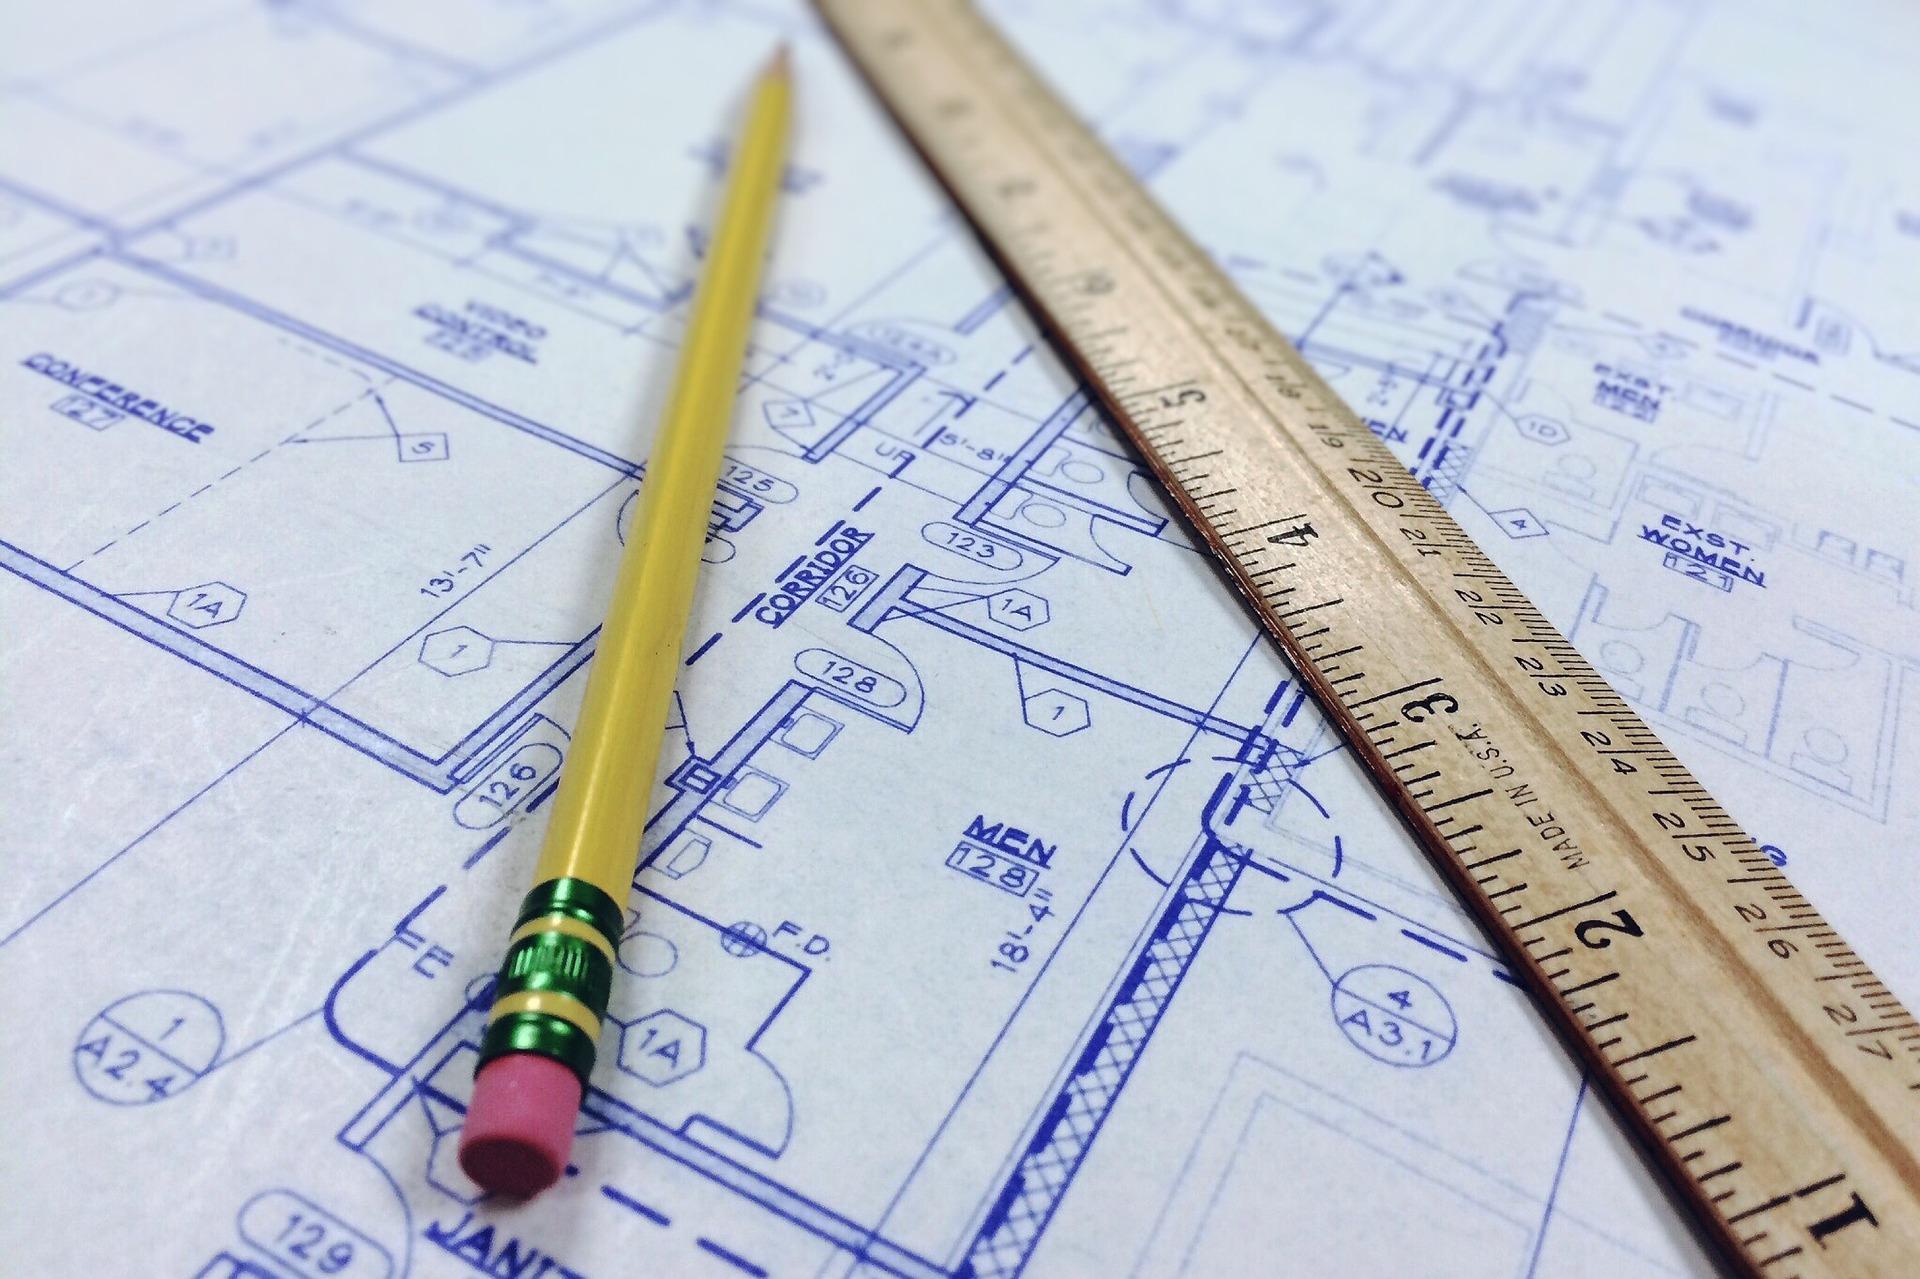 Szkolenie okresowe bhp pracowników inżynieryjno - technicznych